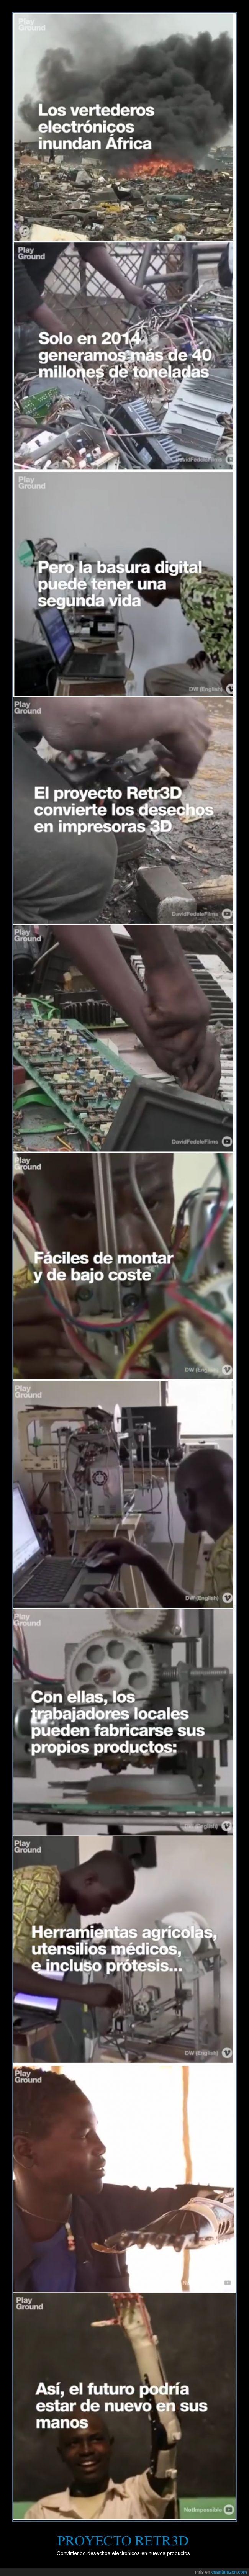 África,basura,deshecho,electrónica,hombre,ingeniero,máquina,ordenador,piezas,placas,prótesis,realidad,Retr3D,vertedero electrónico